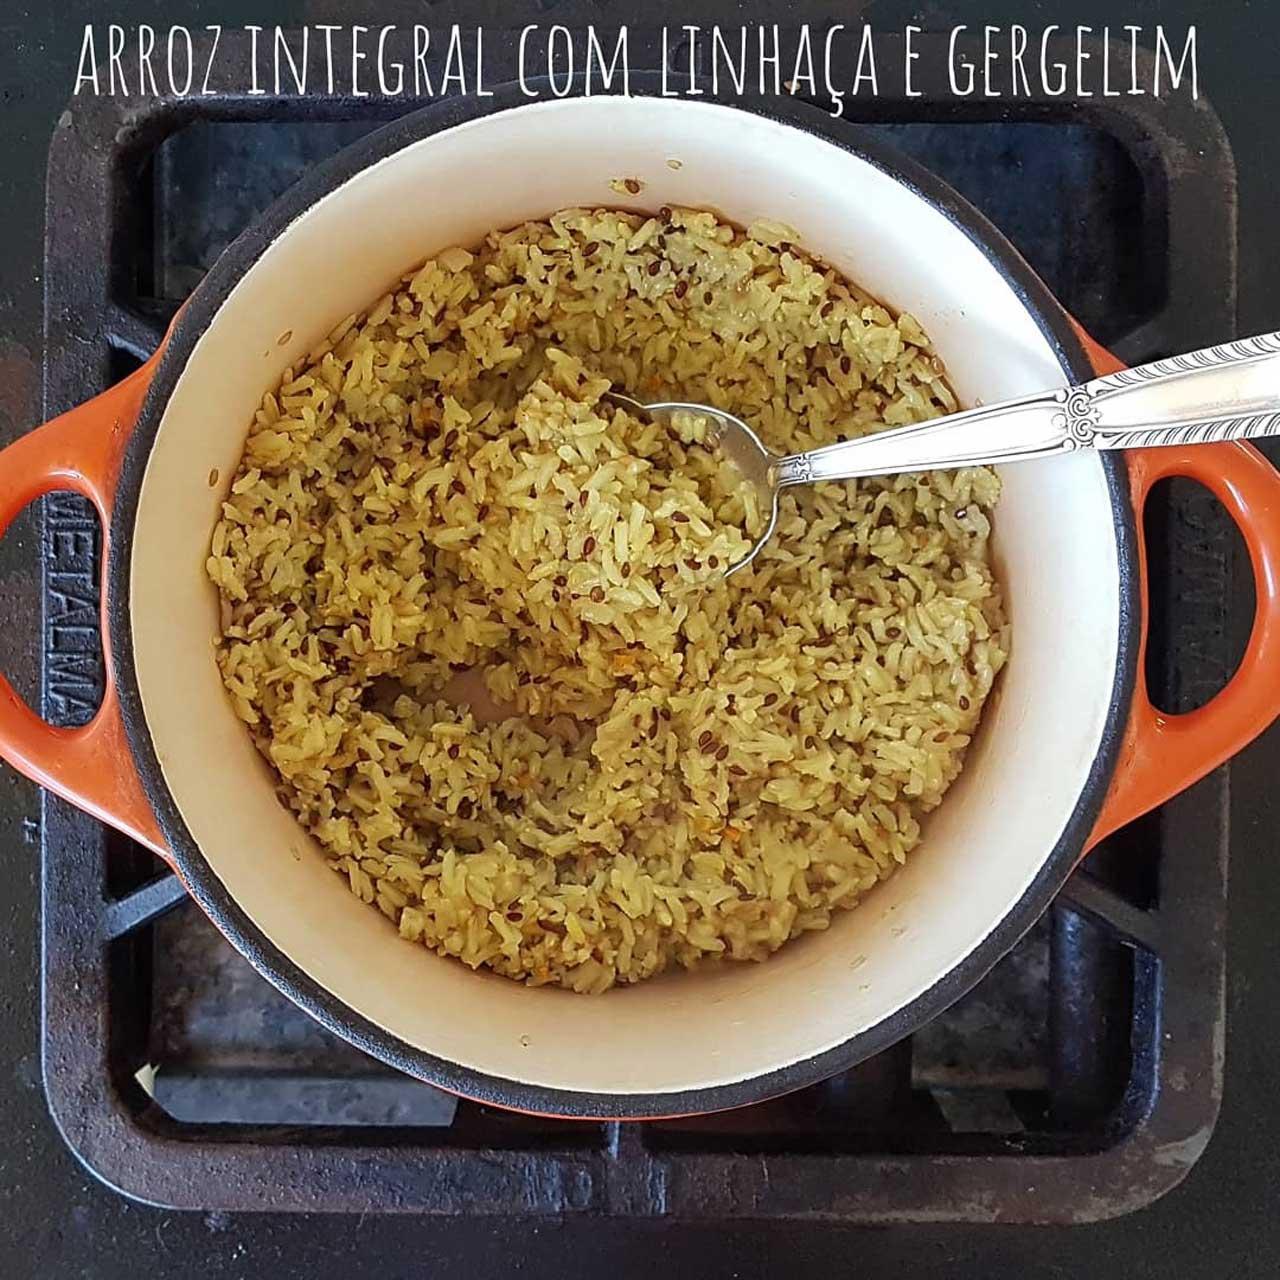 arroz-integral-com-linhaca-e-gergelim-00-dentro